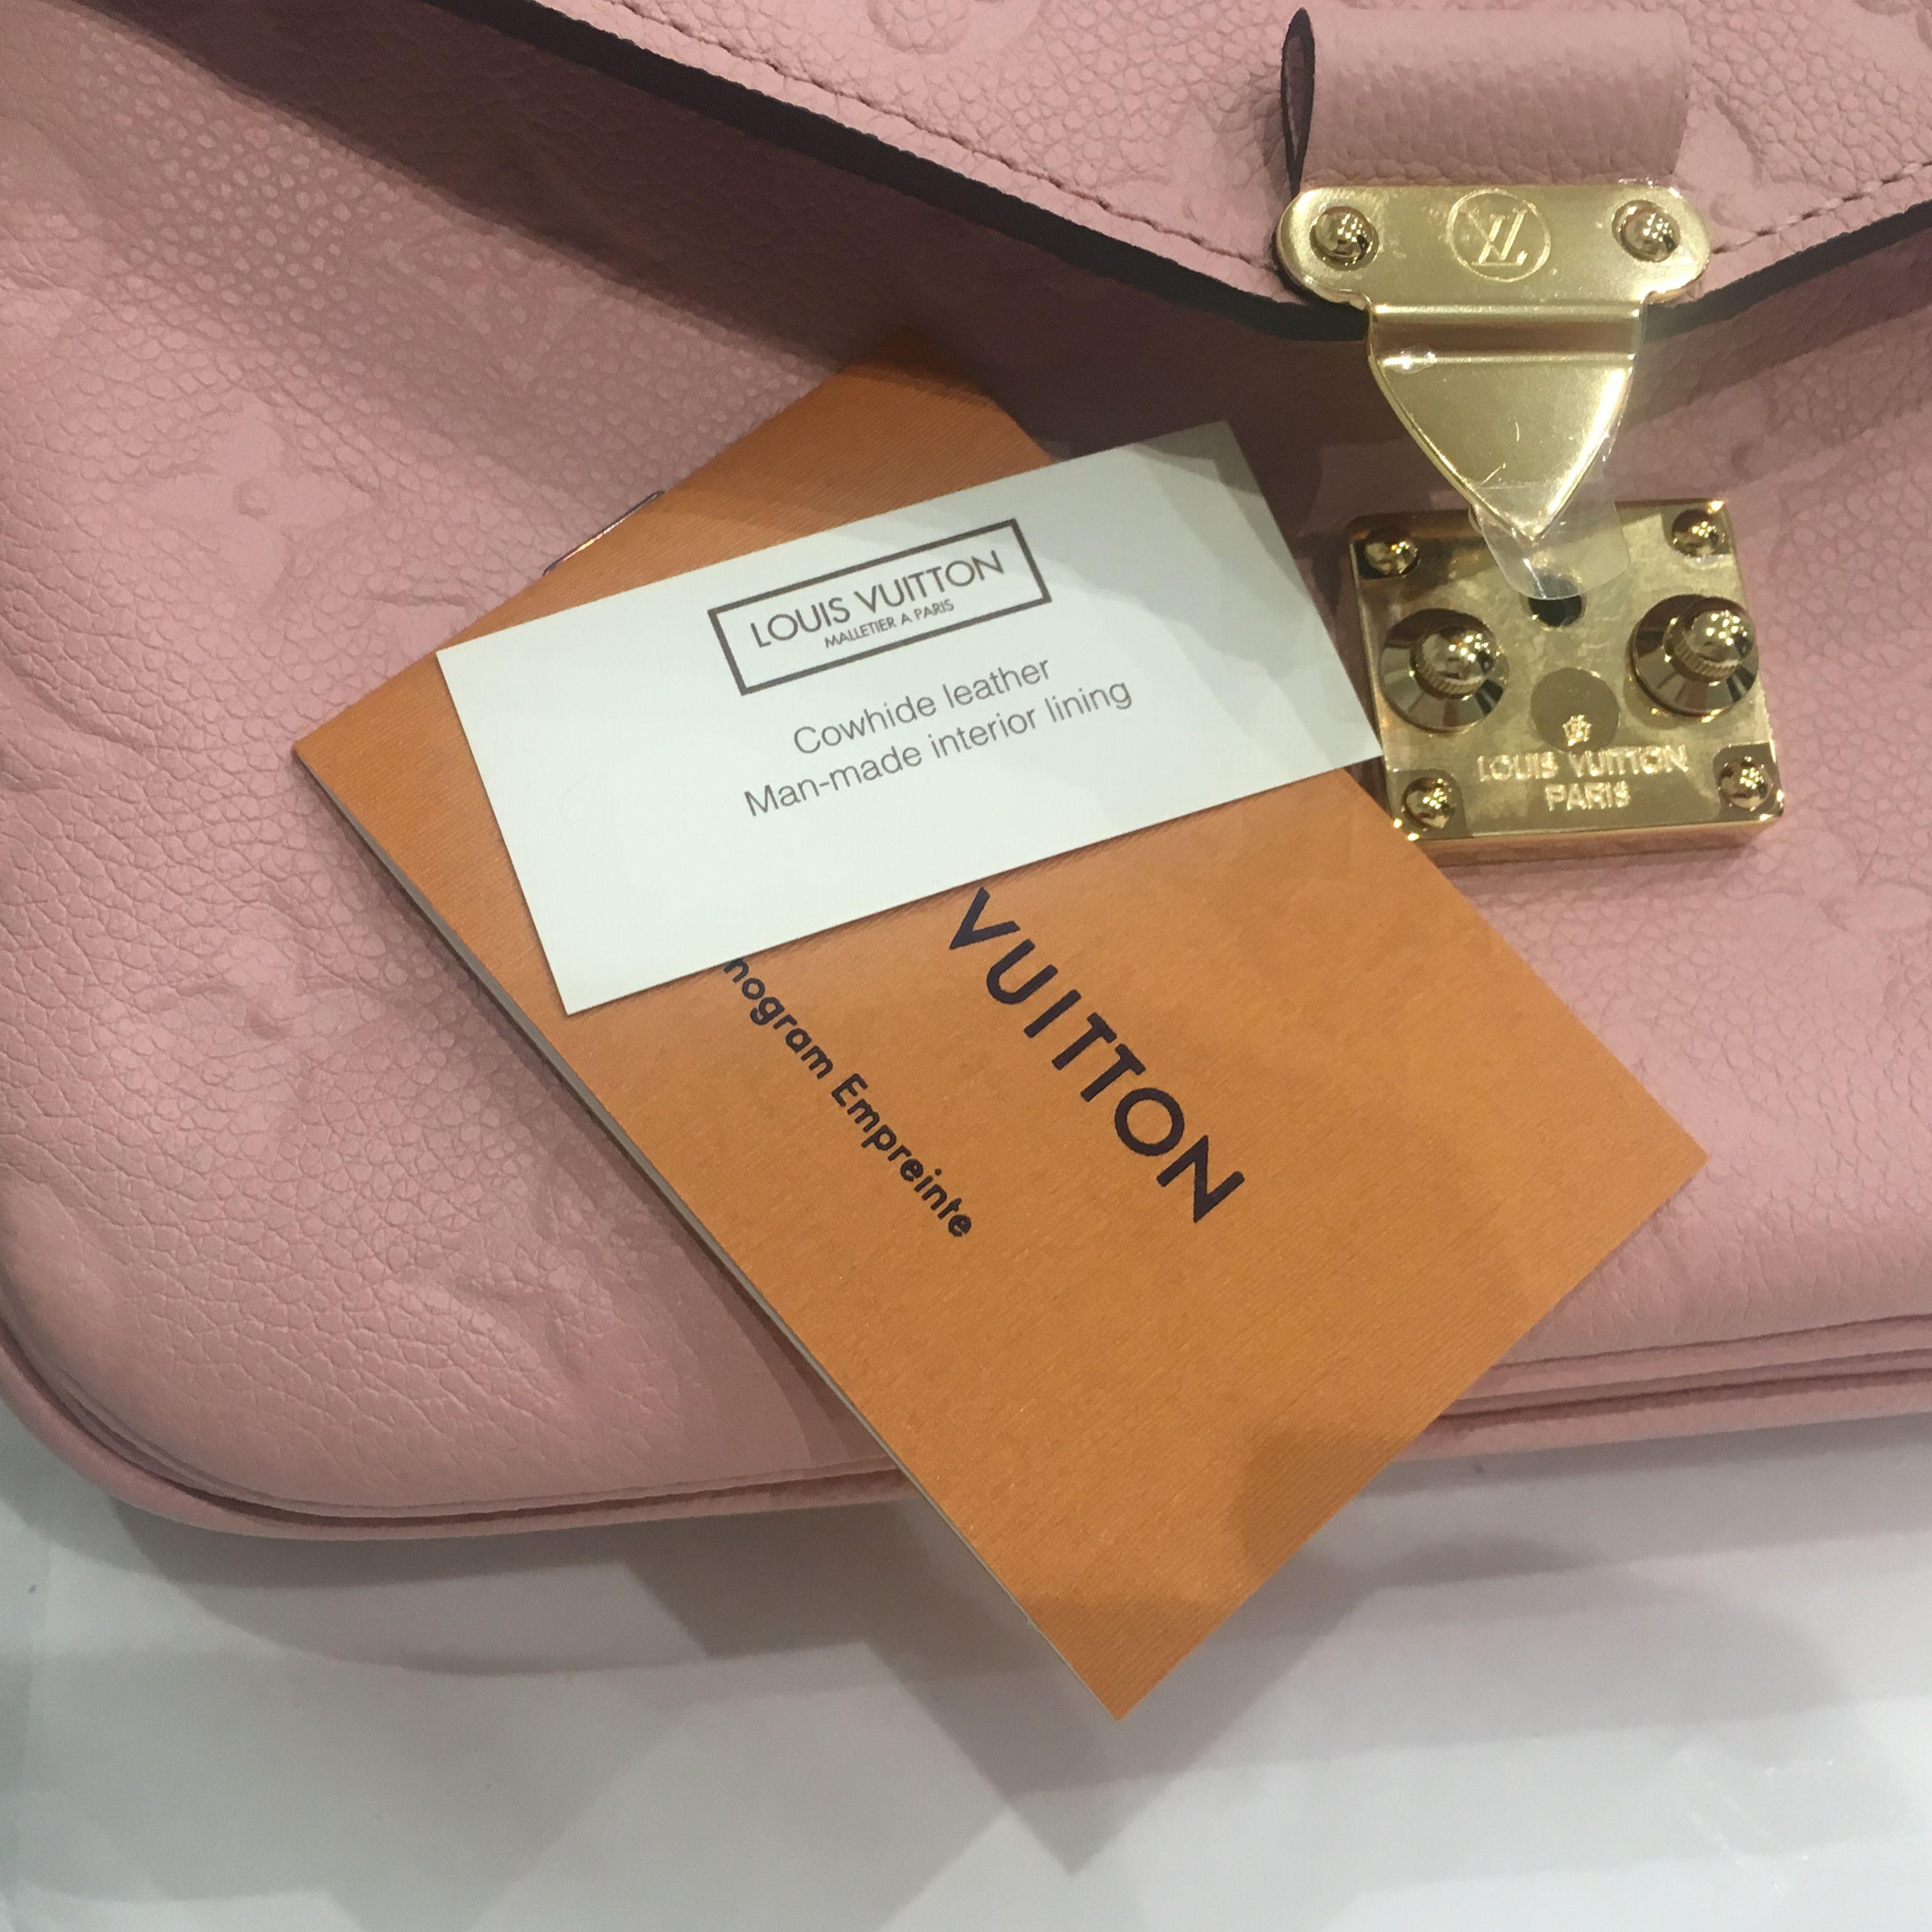 e9e84d956019 Louis Vuitton Baby Pink LV Pochette Metis. 21. 123456789